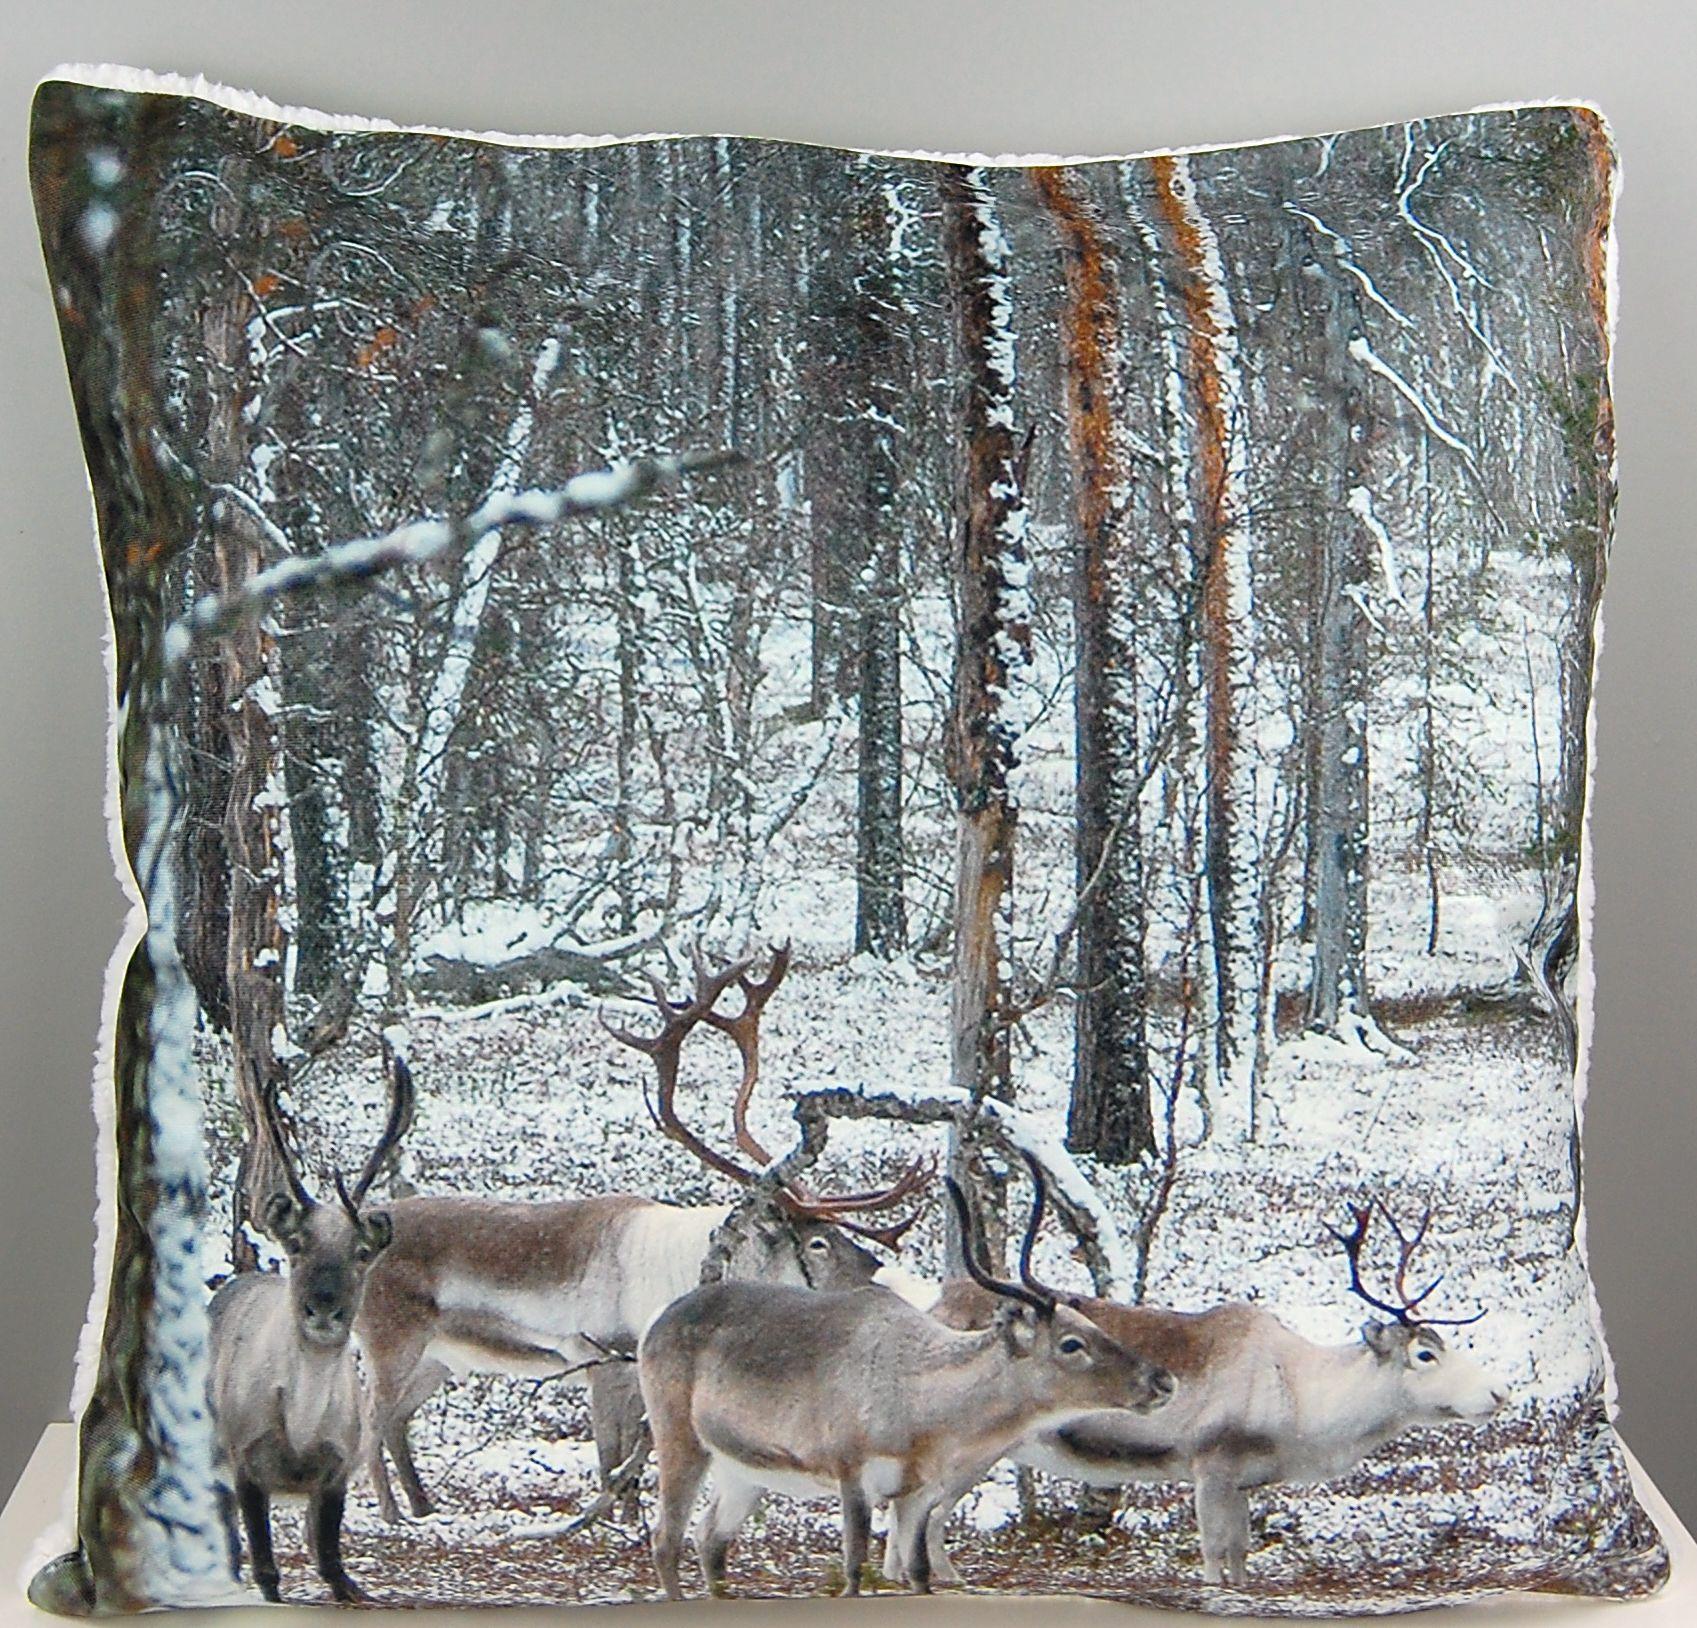 Fotokissen 50x50 cm weihnachten kissenh lle pl schkissen for Sofa 50 cm sitzhohe